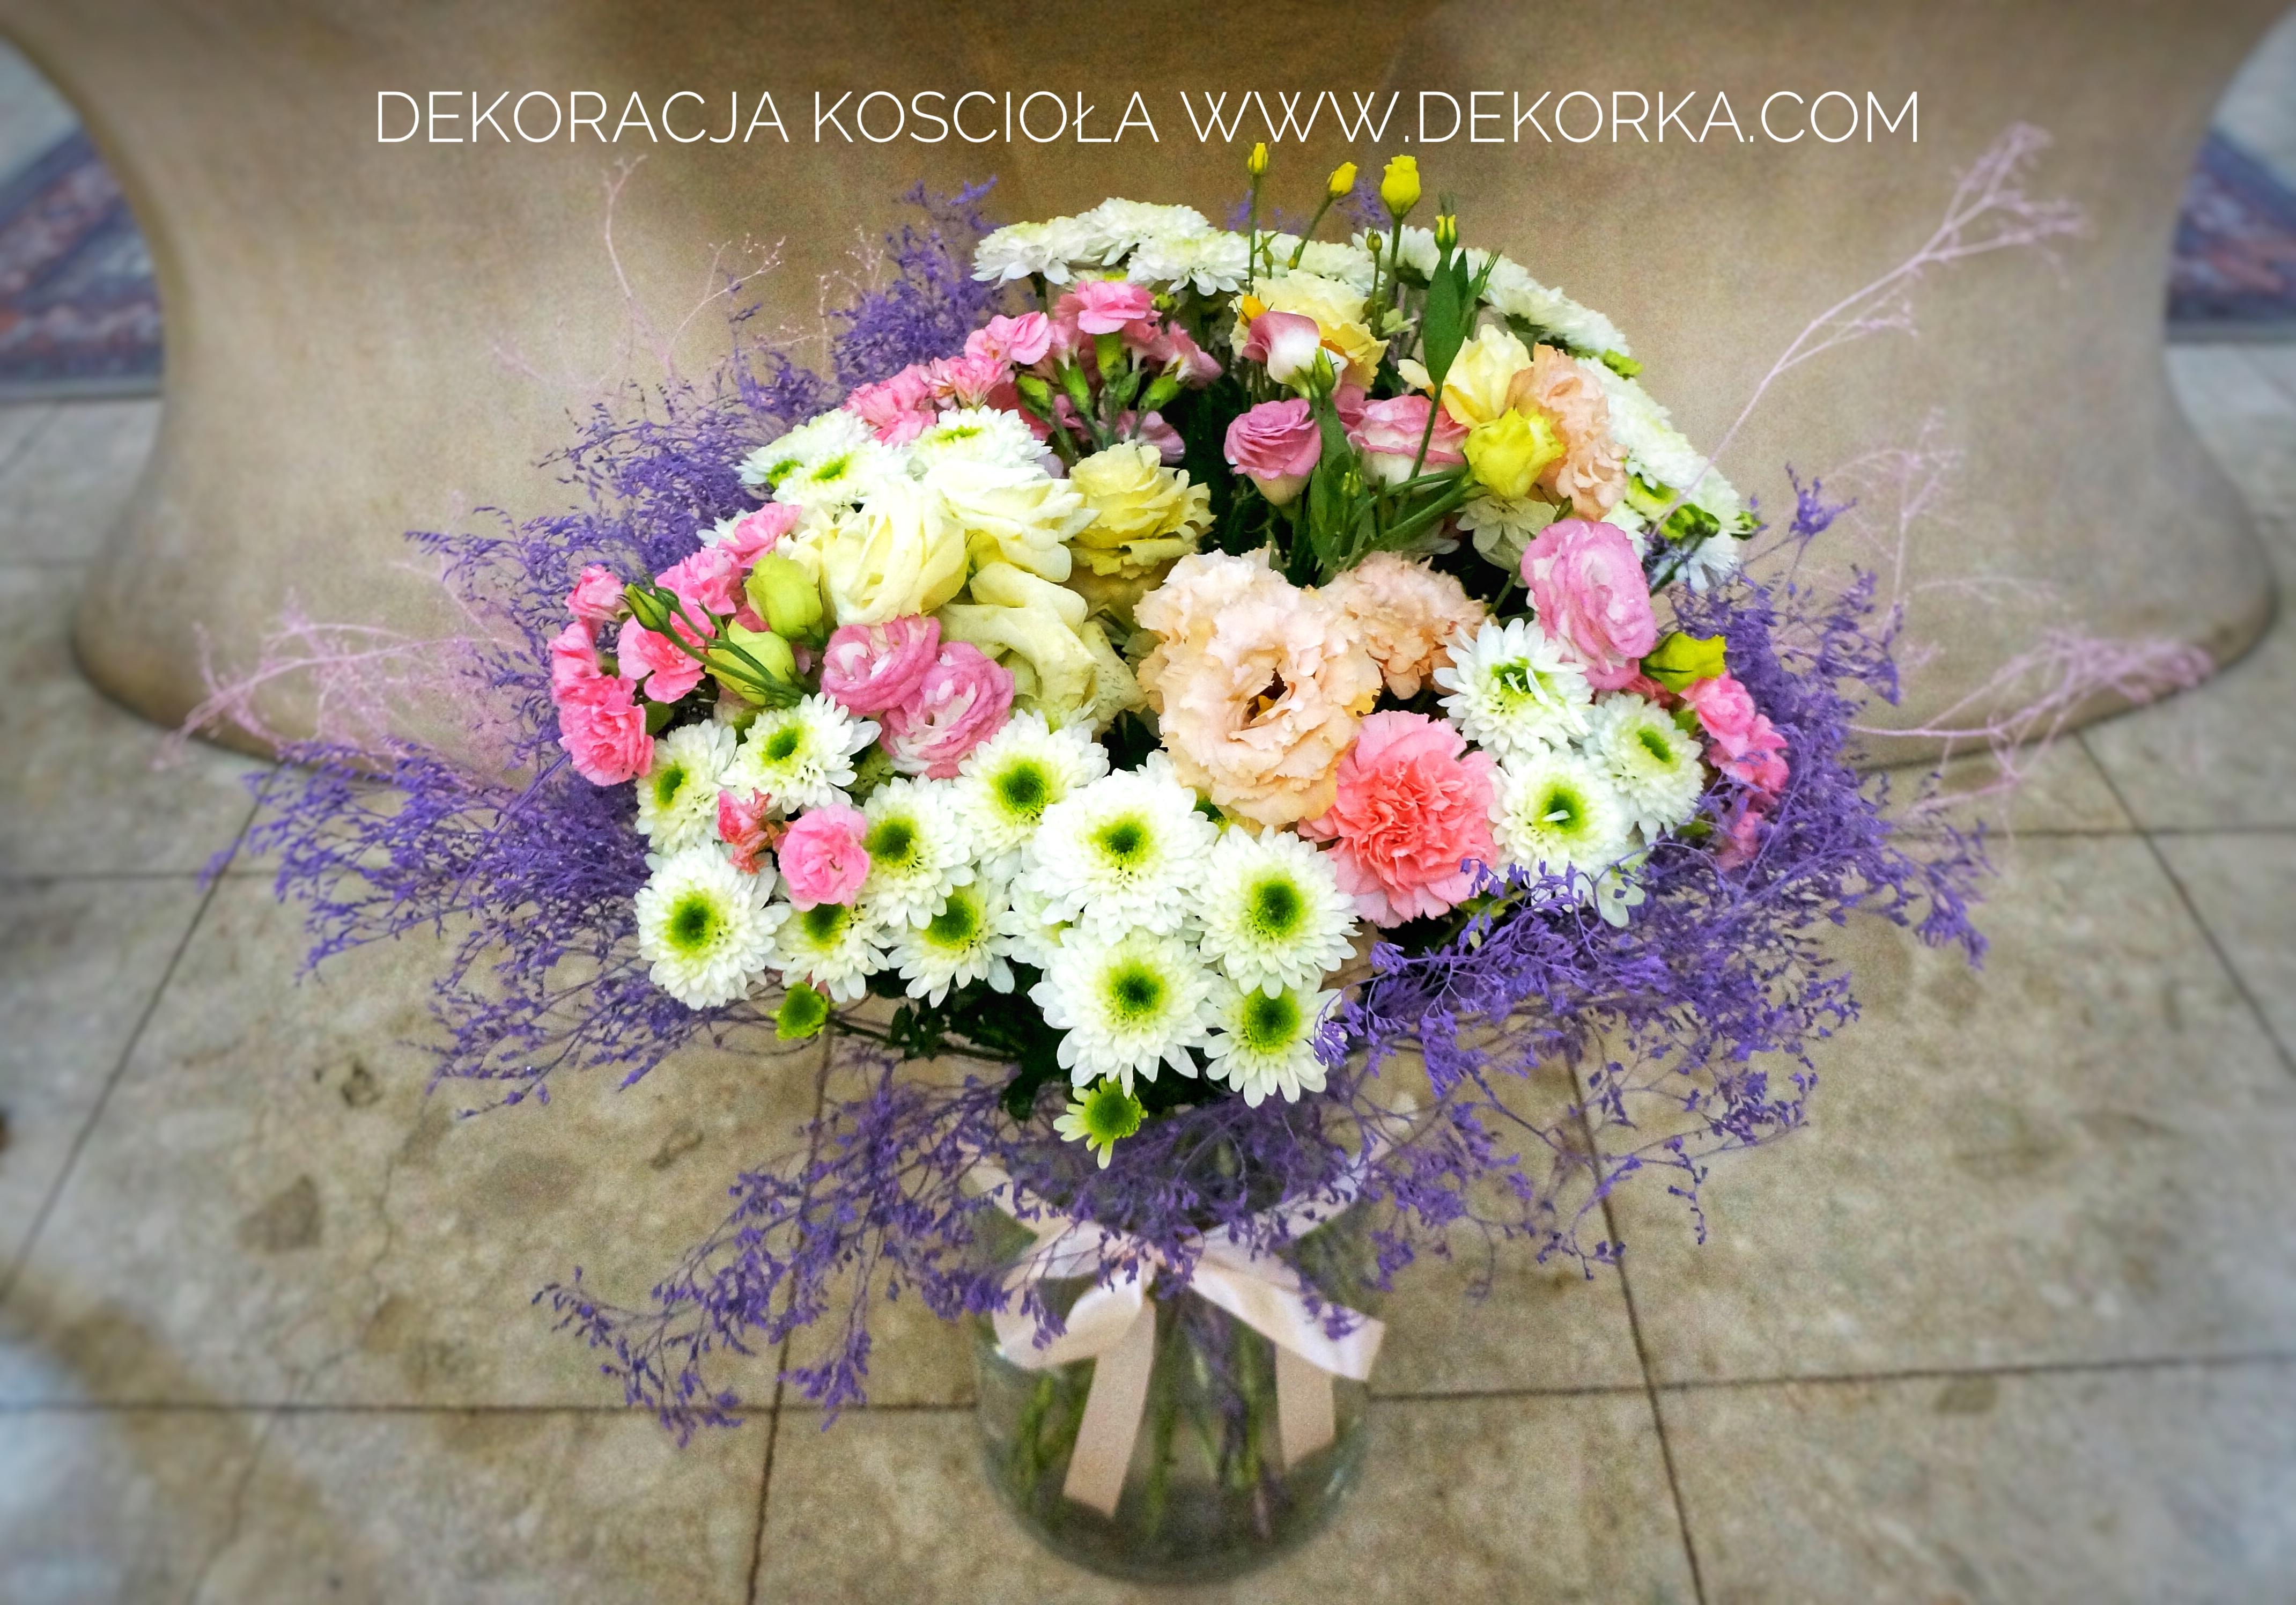 dekoracja kościoła wesele dekorka.com katowice śląsk